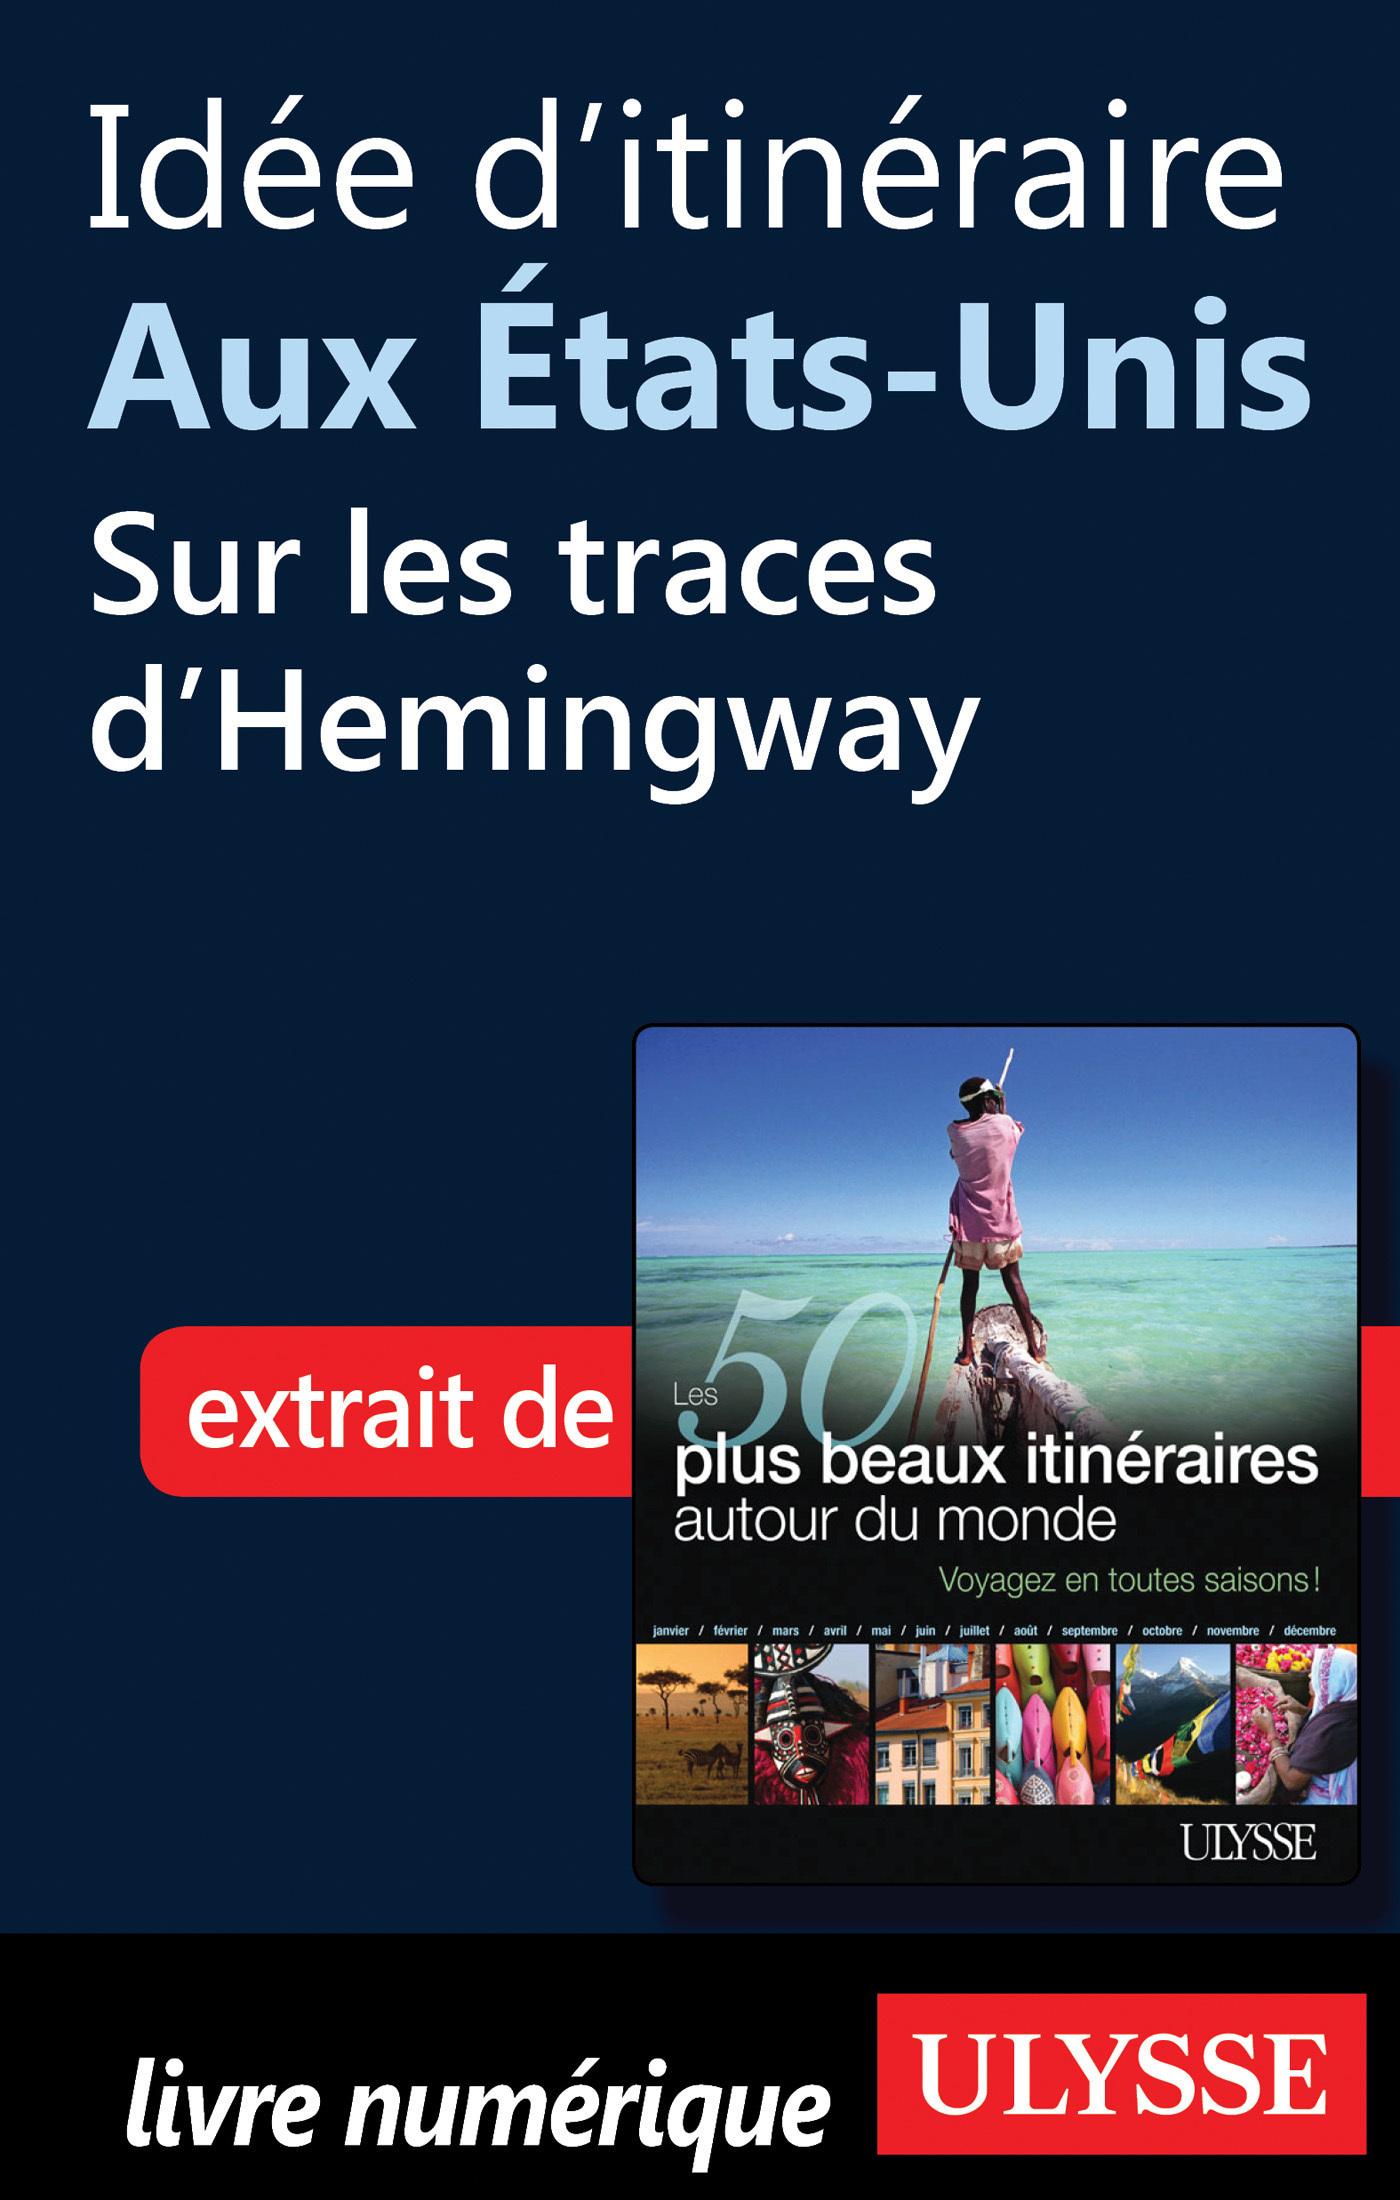 Idée d'itinéraire aux Etats-Unis: Sur les traces d Hemingway